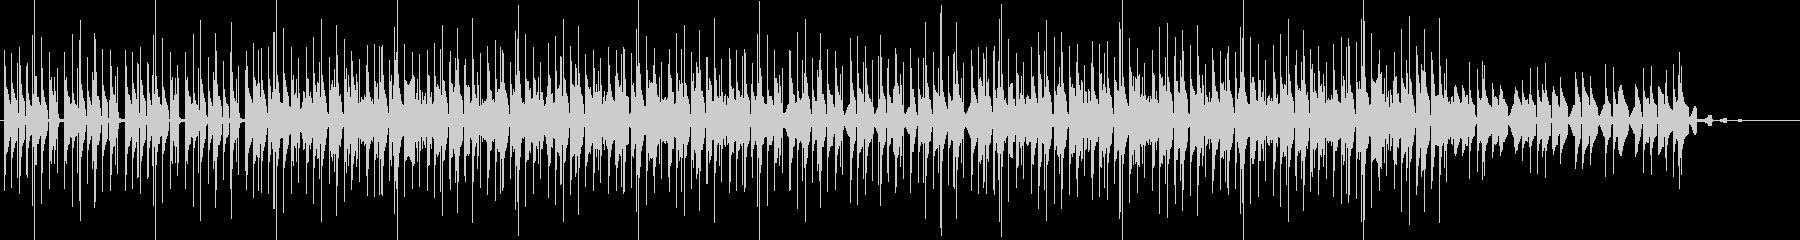 跳ねるサウンドのスタイリッシュなBGMの未再生の波形